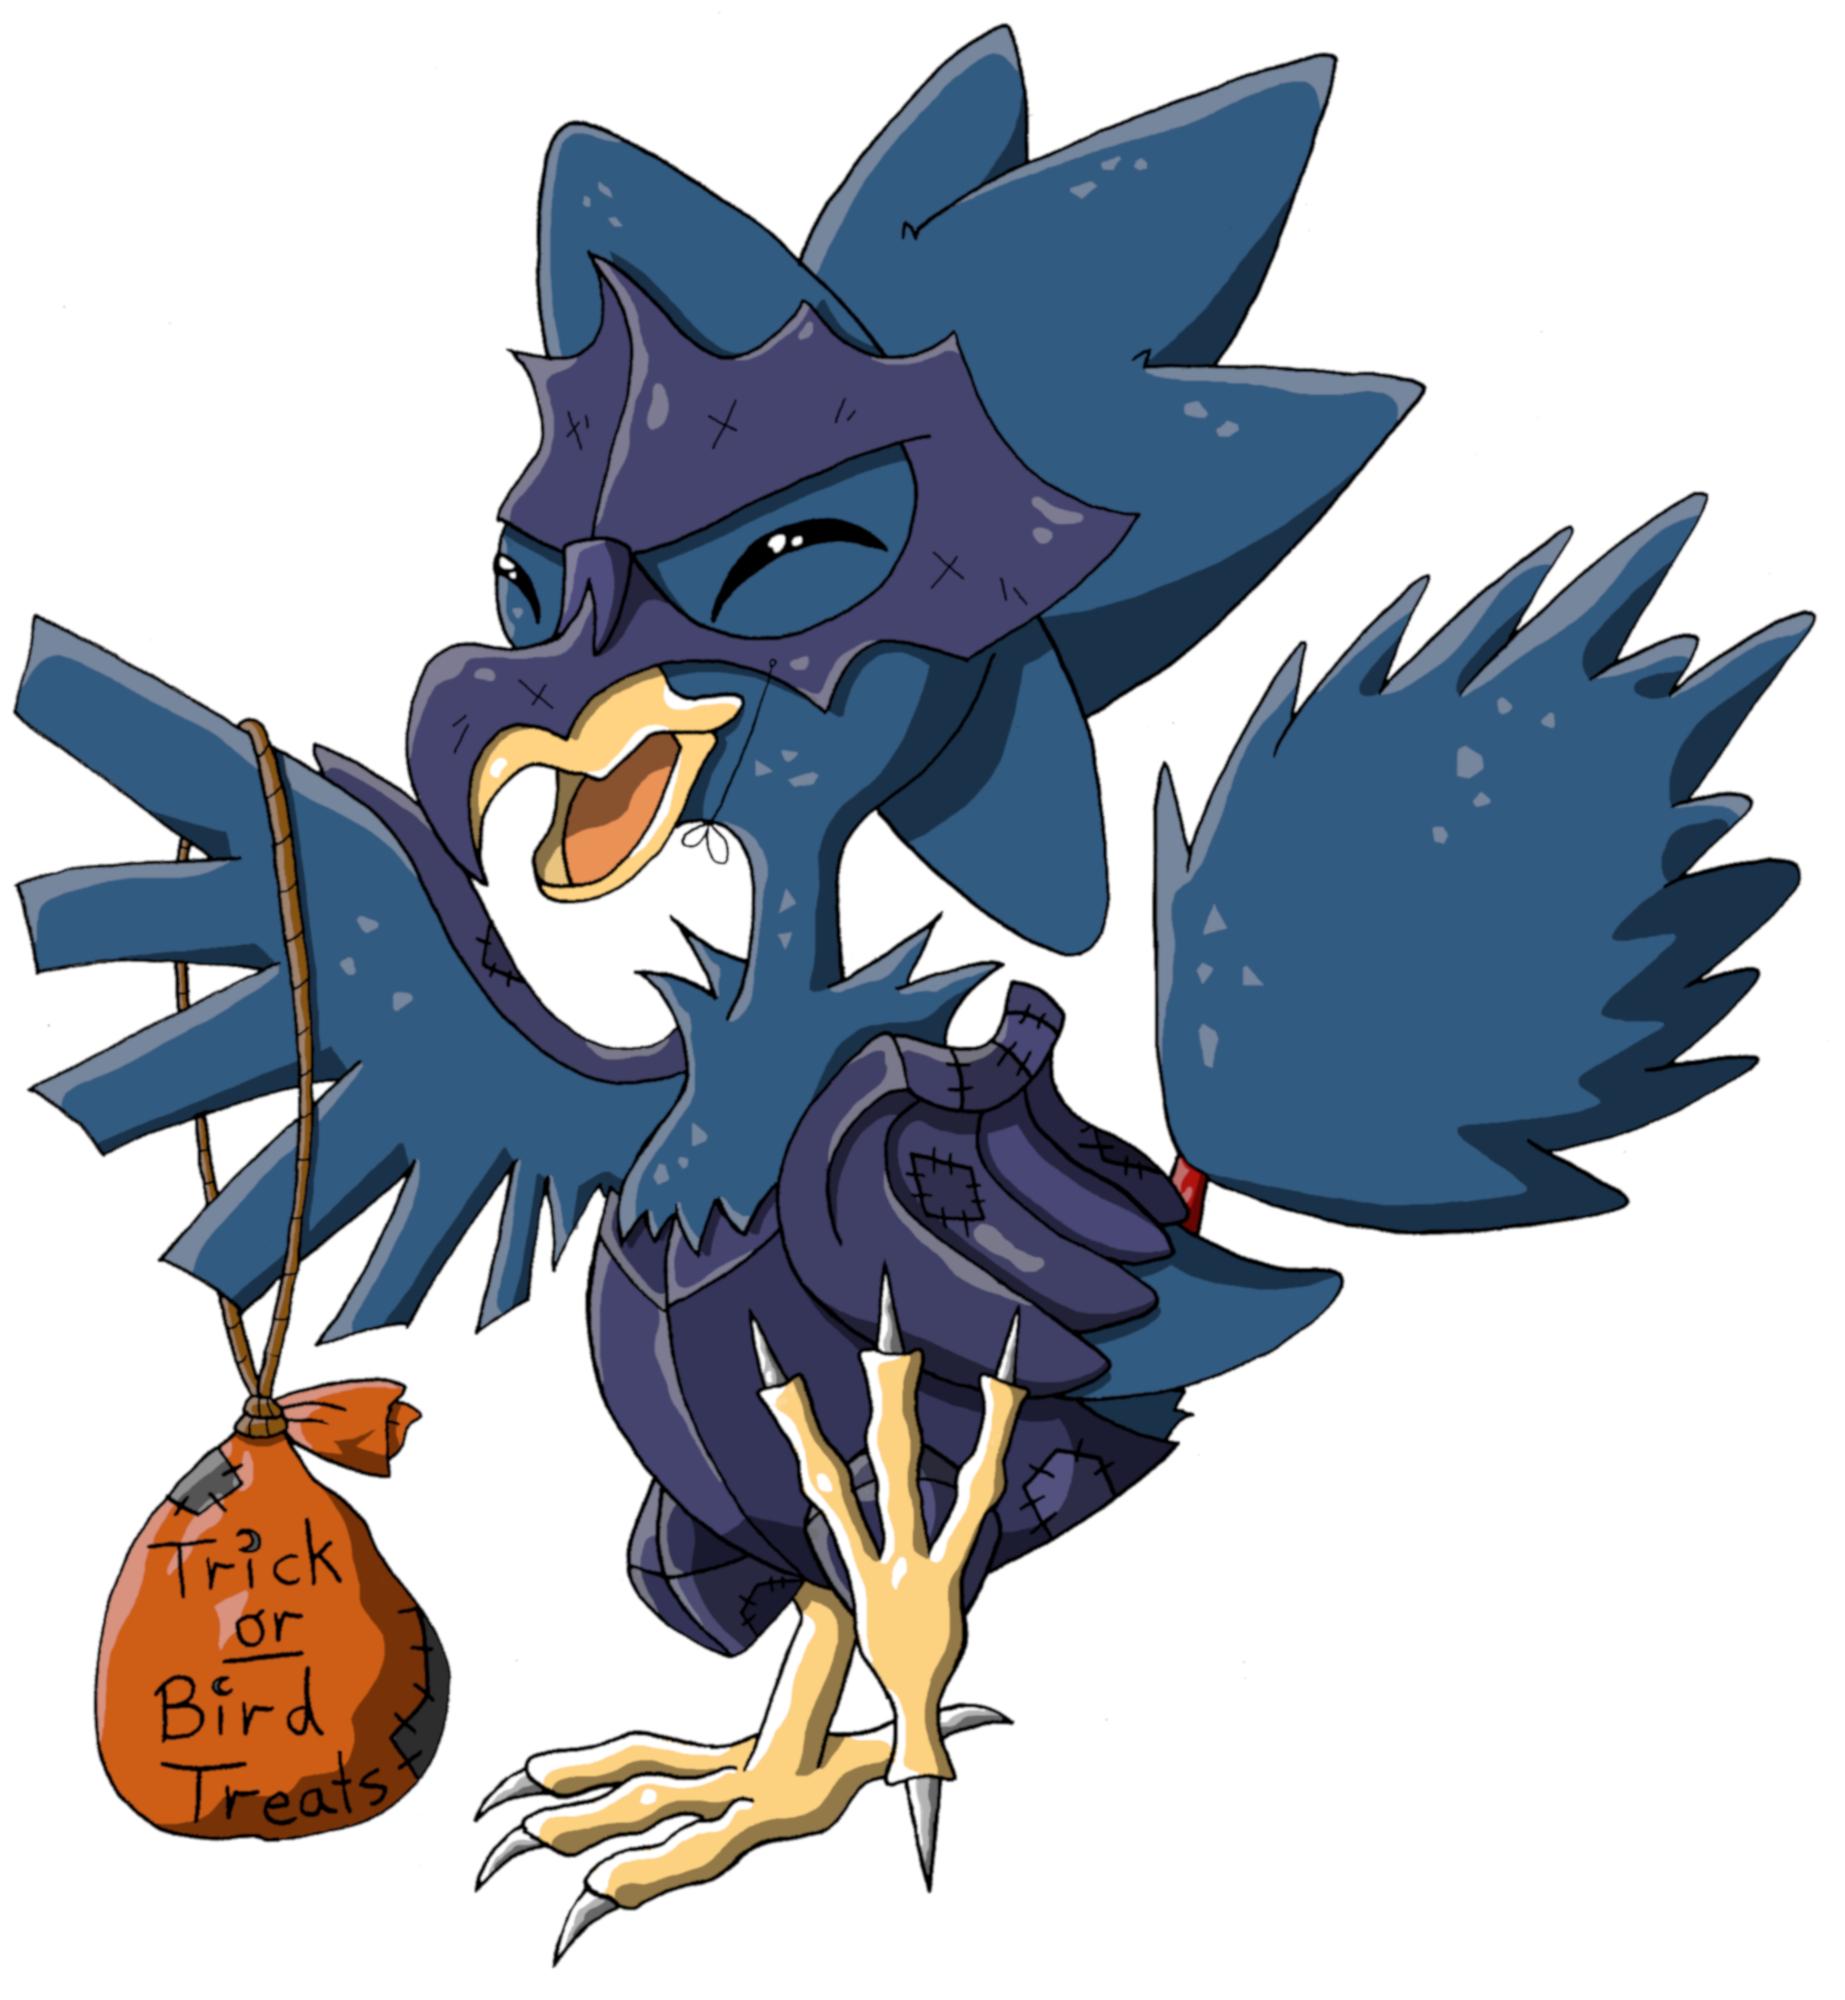 Pokémon-Zeichnung: Happy Halloween!